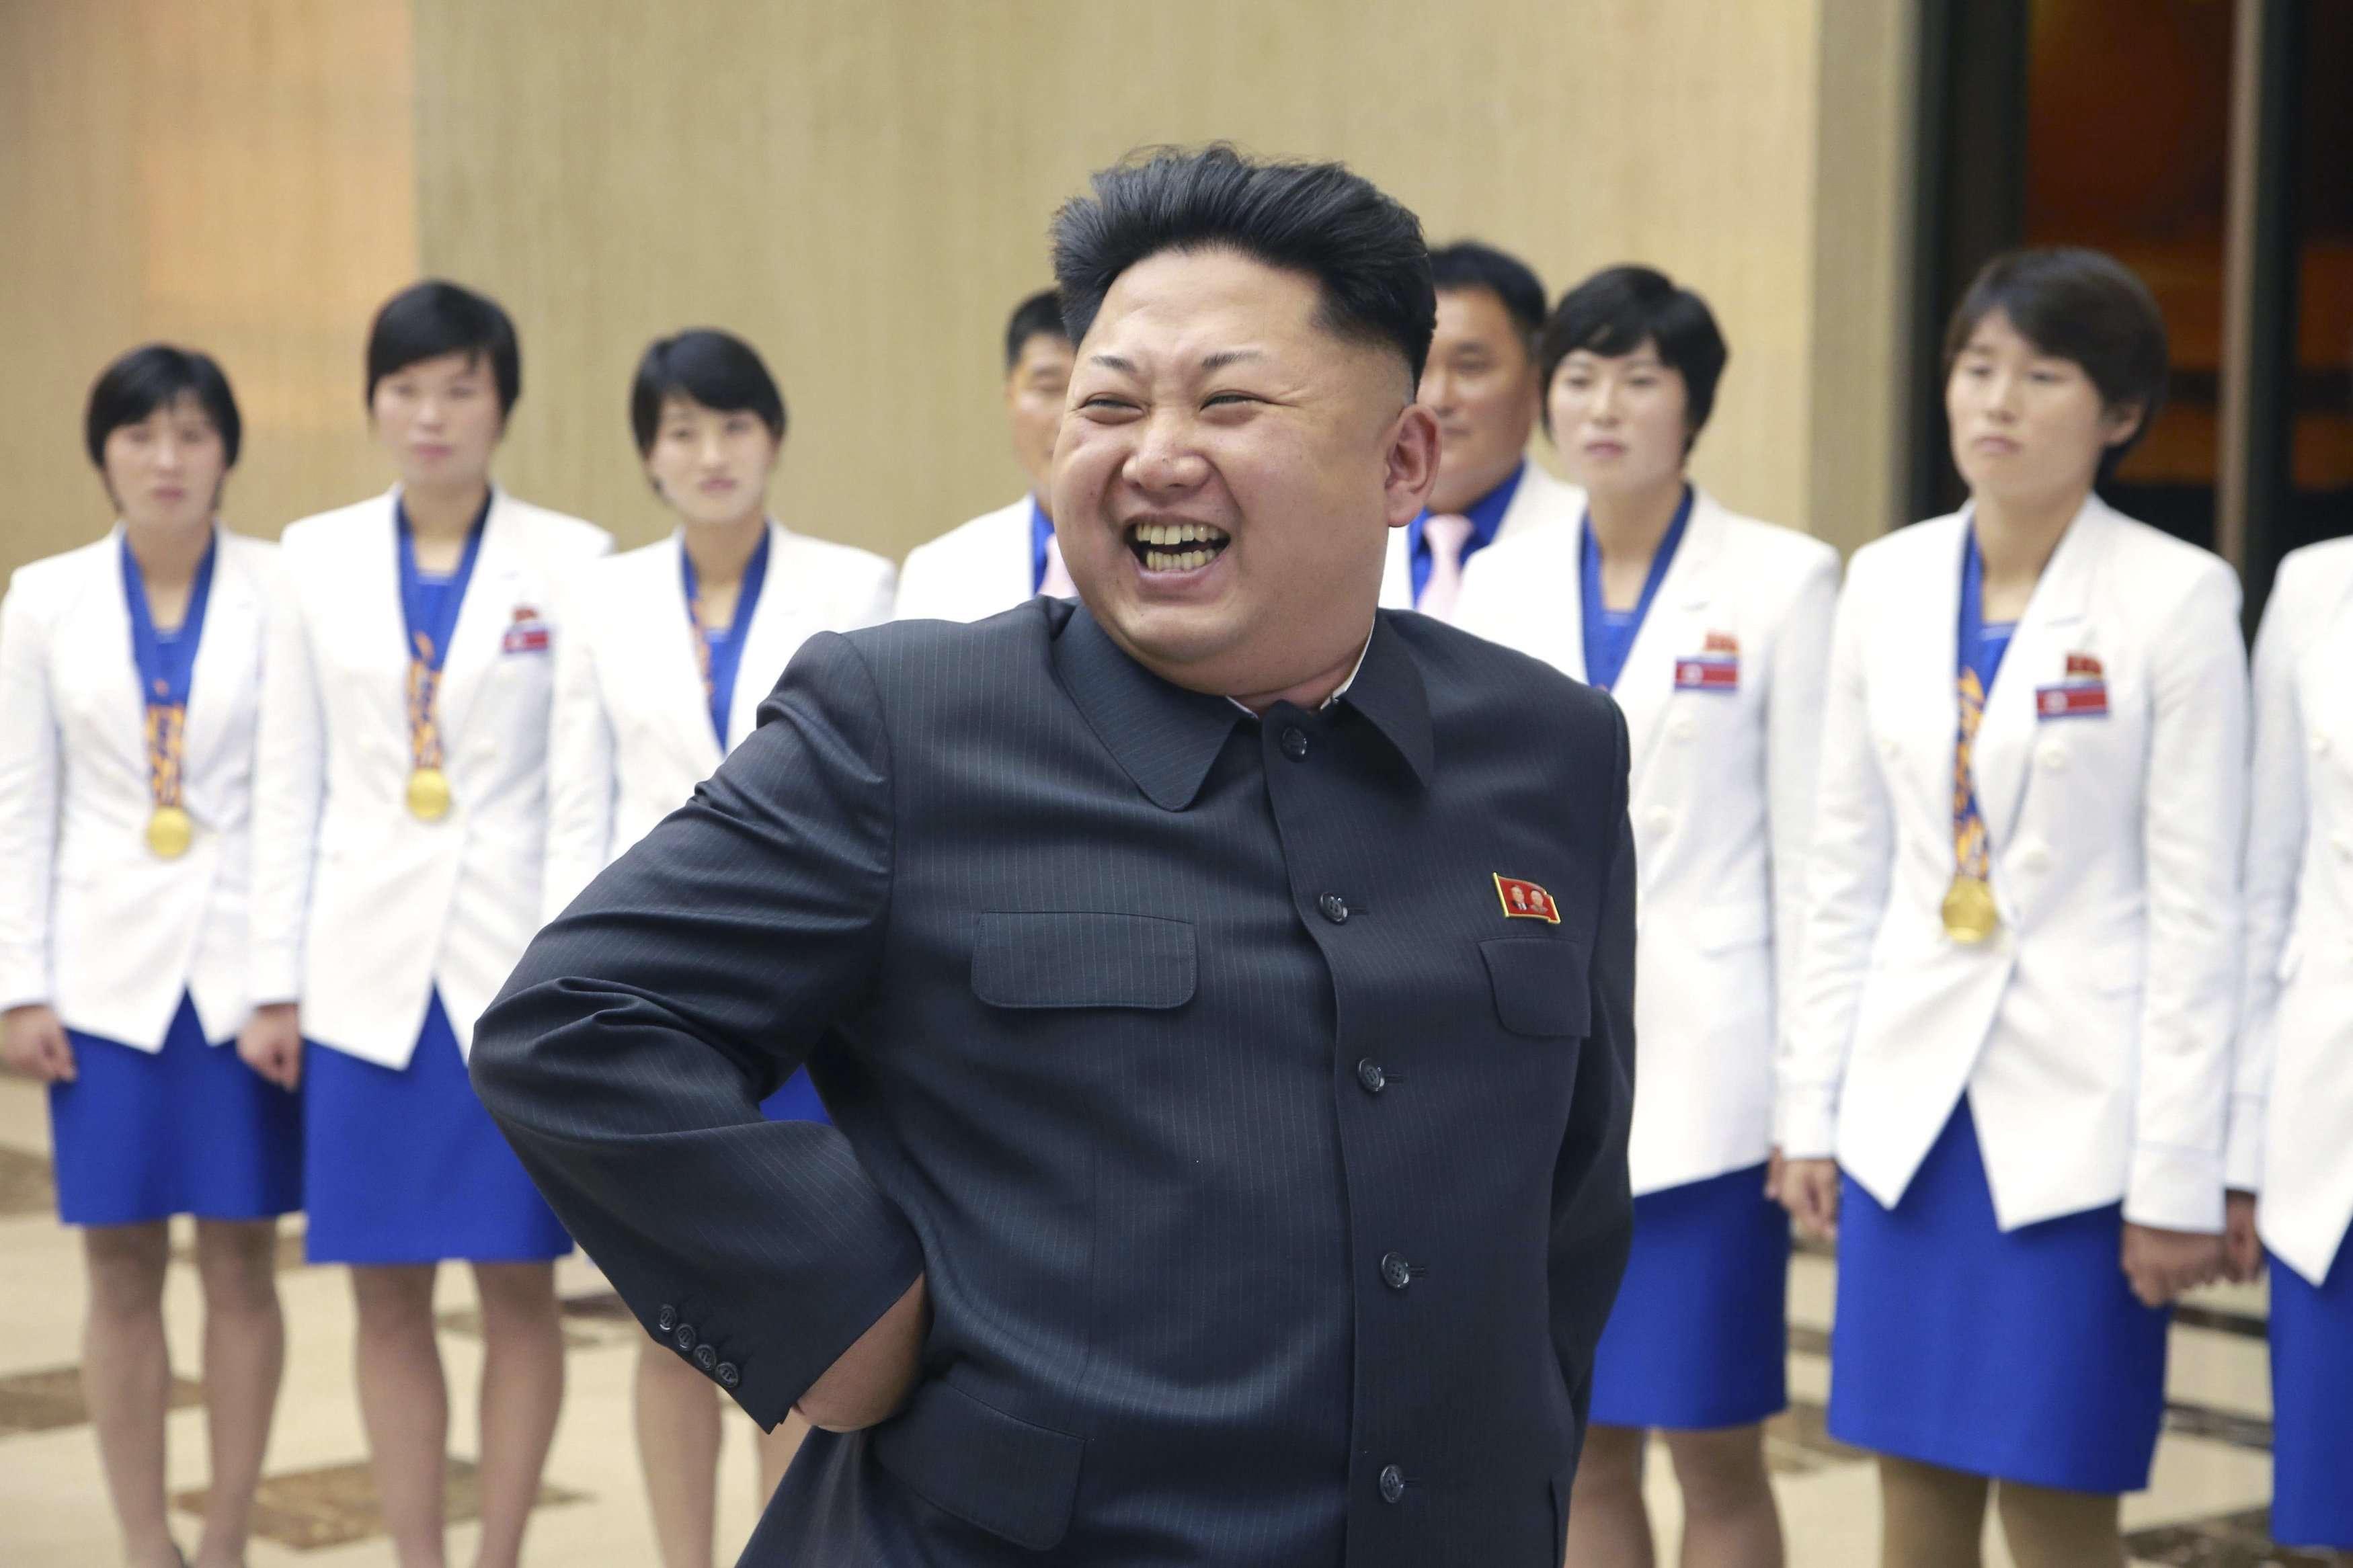 Foto: KCNA/Reuters